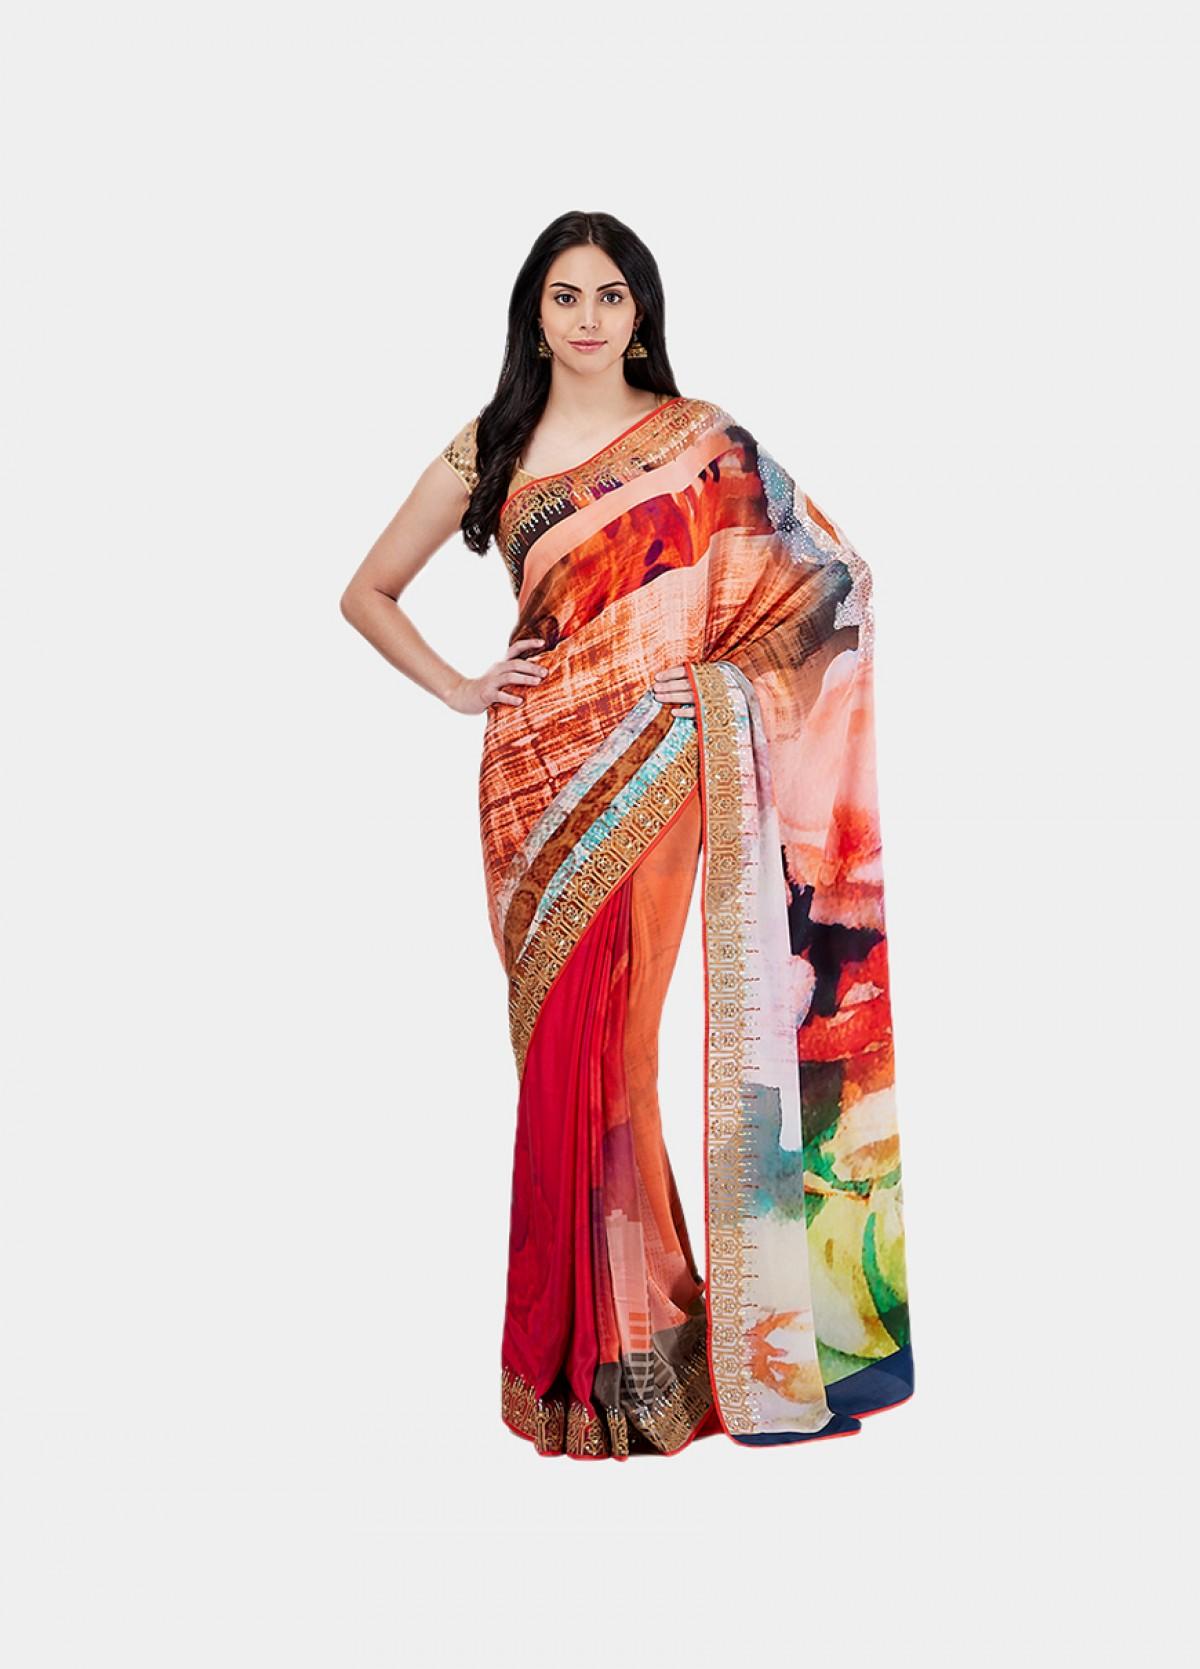 The Winter Blossom Sari